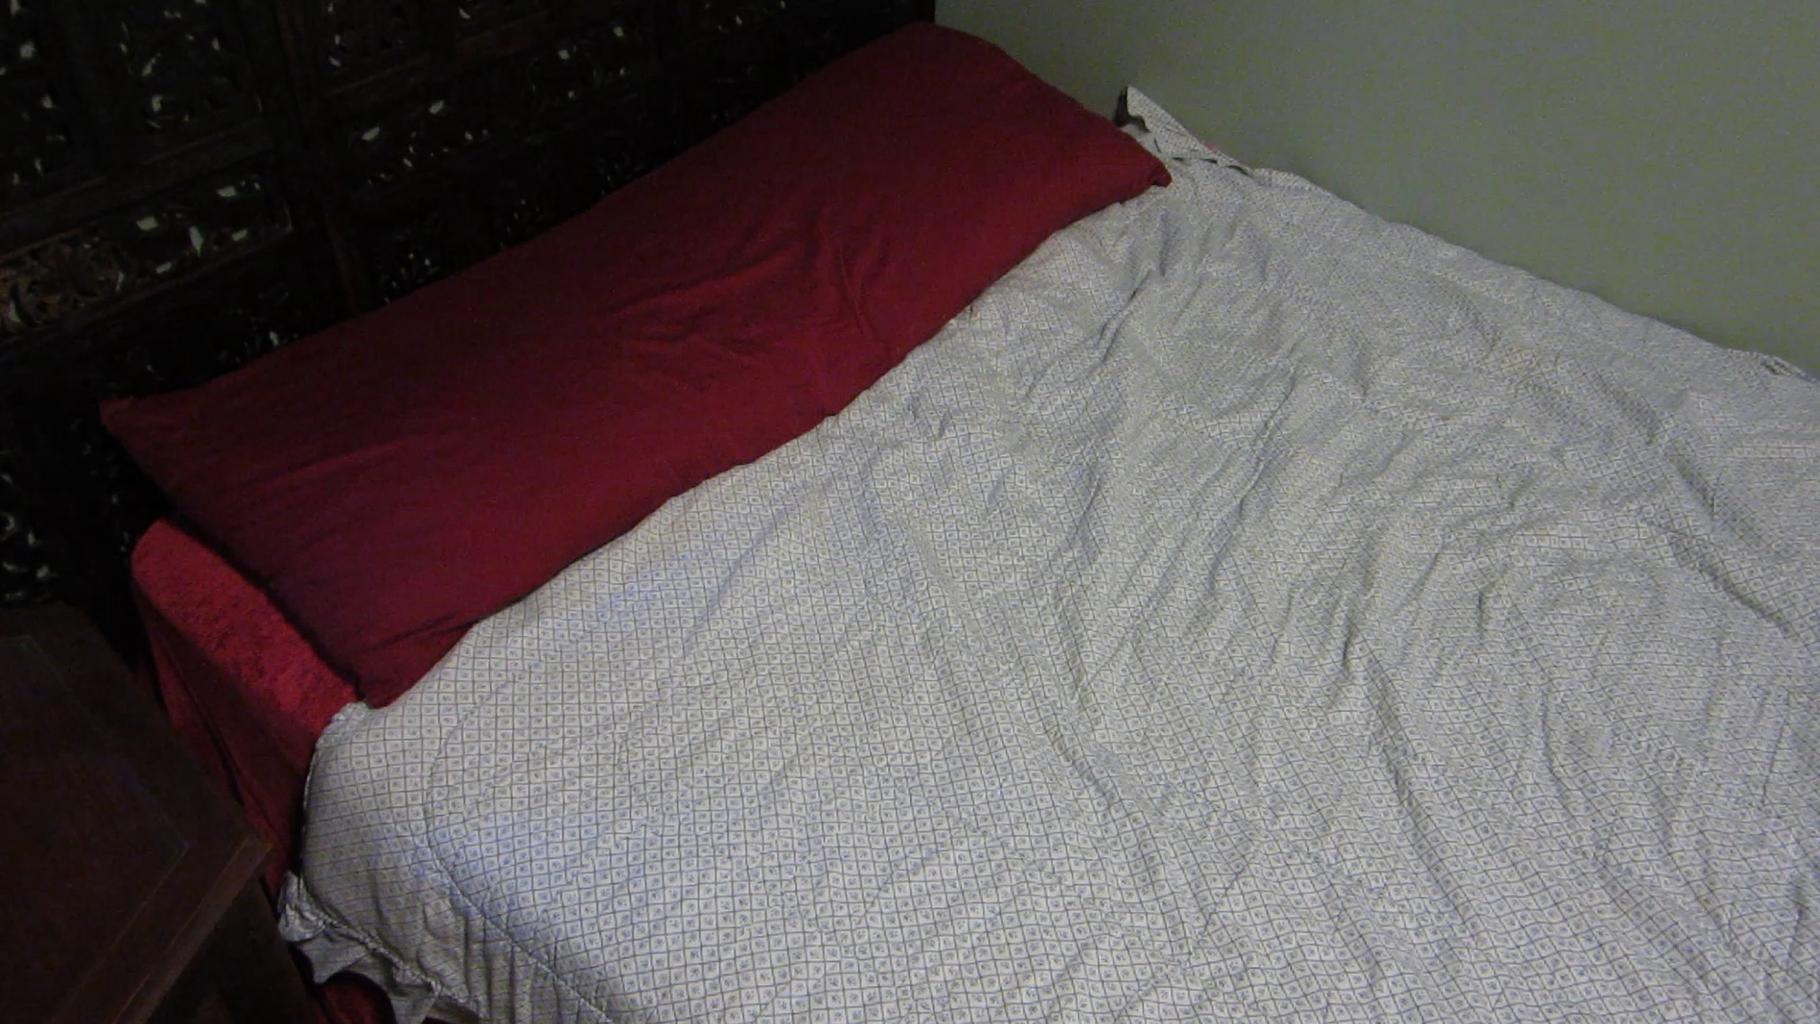 Prewarmed Bed